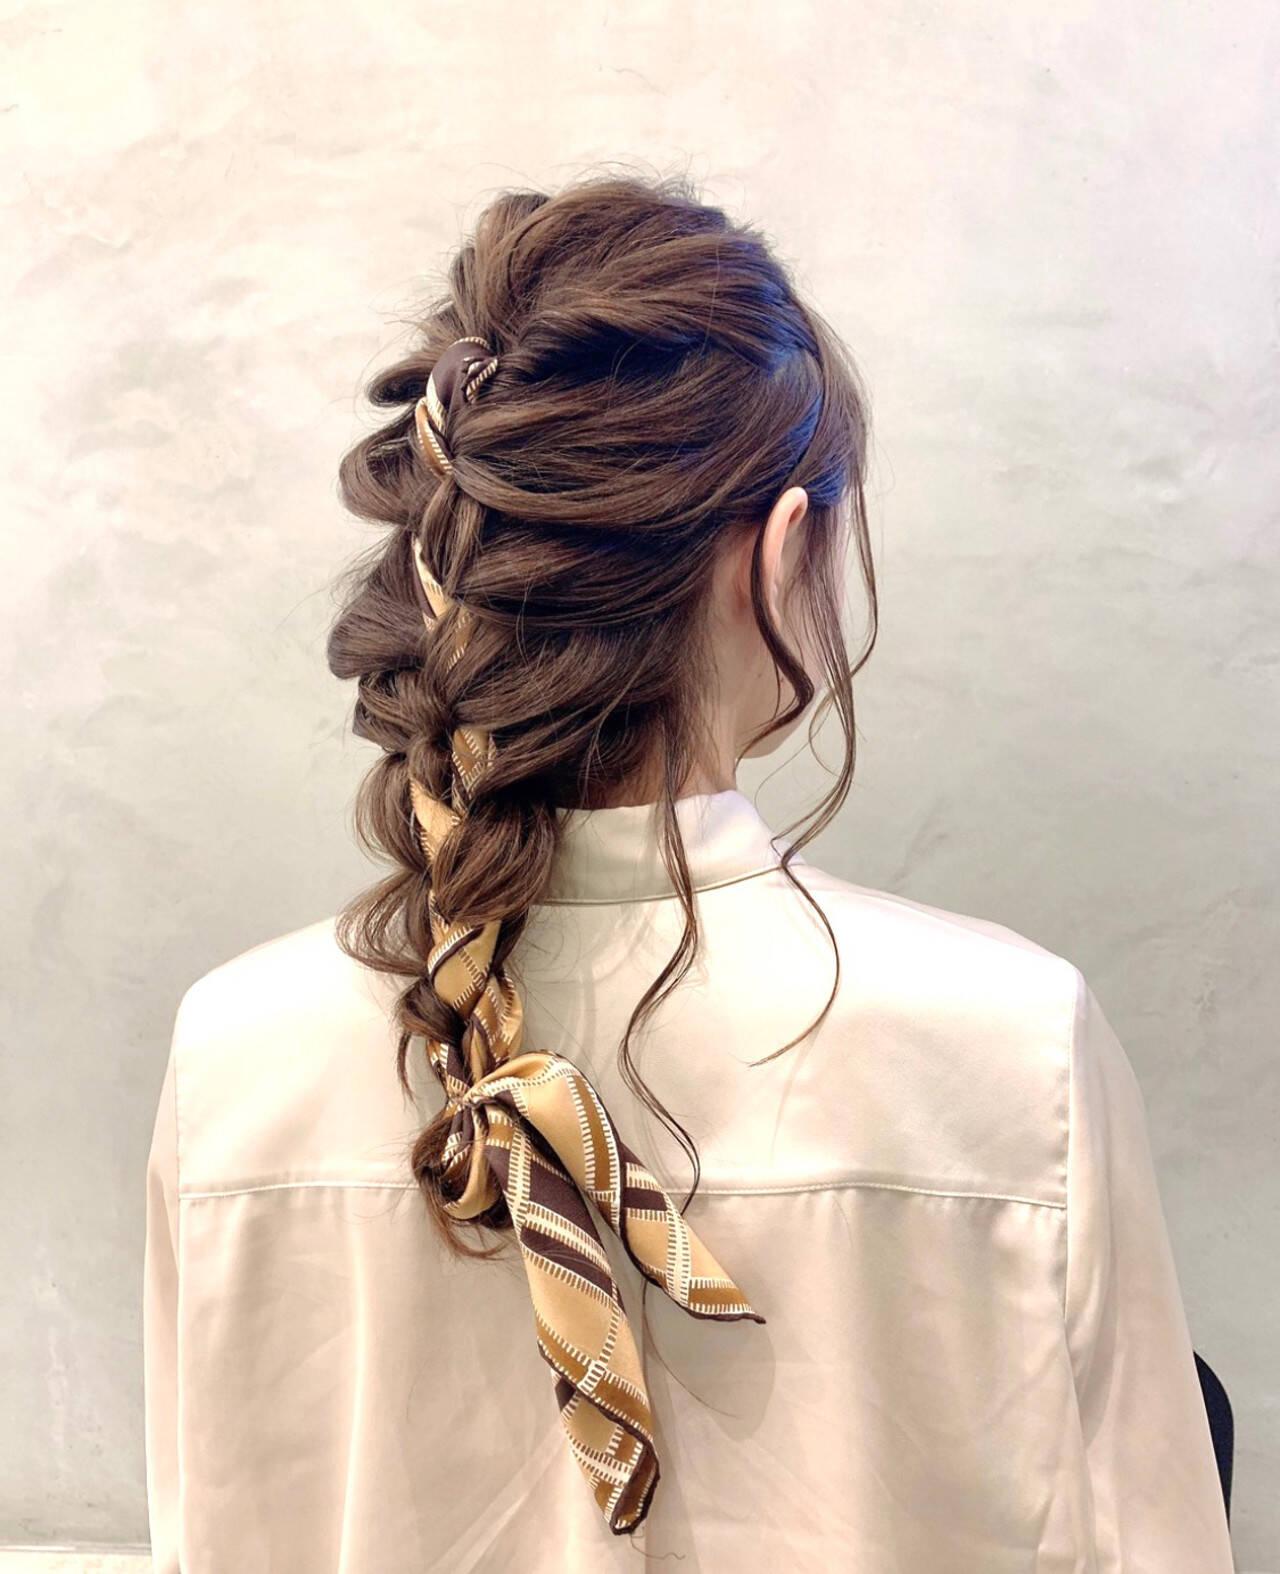 スカーフアレンジ 簡単ヘアアレンジ ヘアアレンジ ナチュラルヘアスタイルや髪型の写真・画像